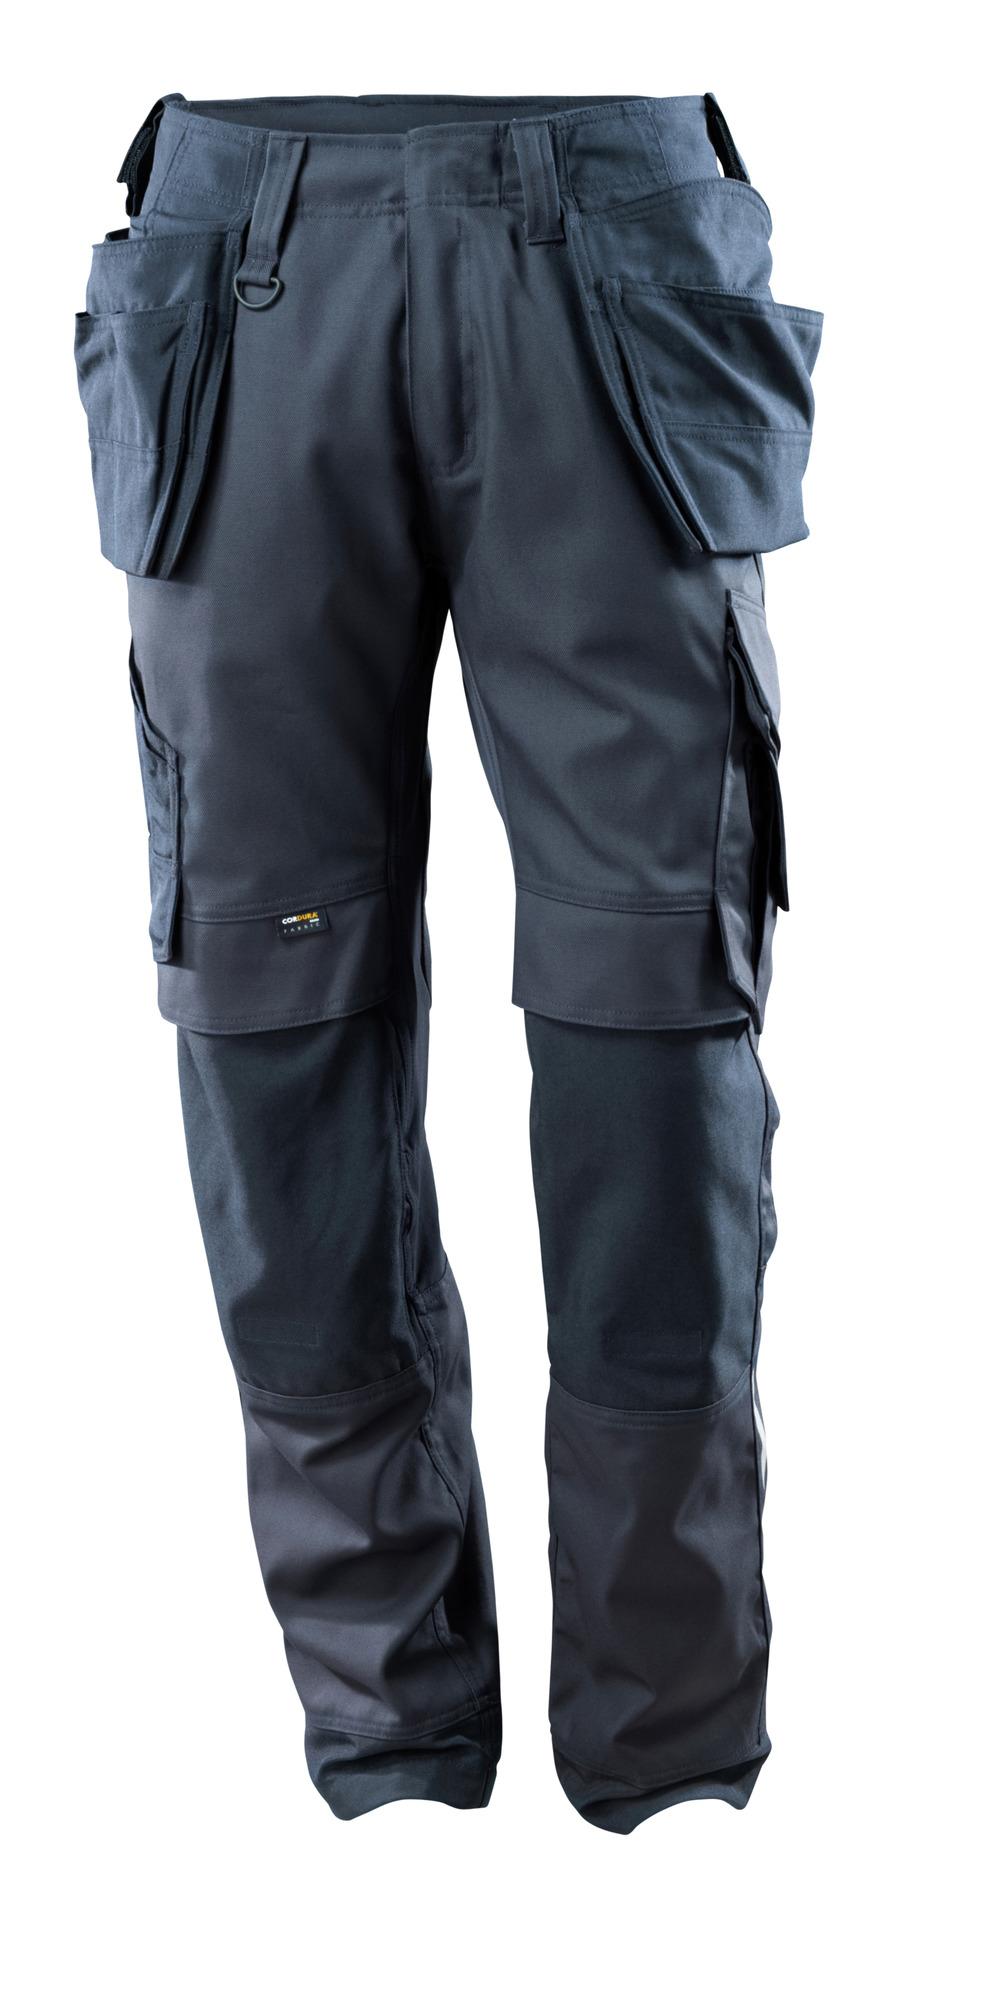 15031-010-010 Handwerkerhose - Schwarzblau